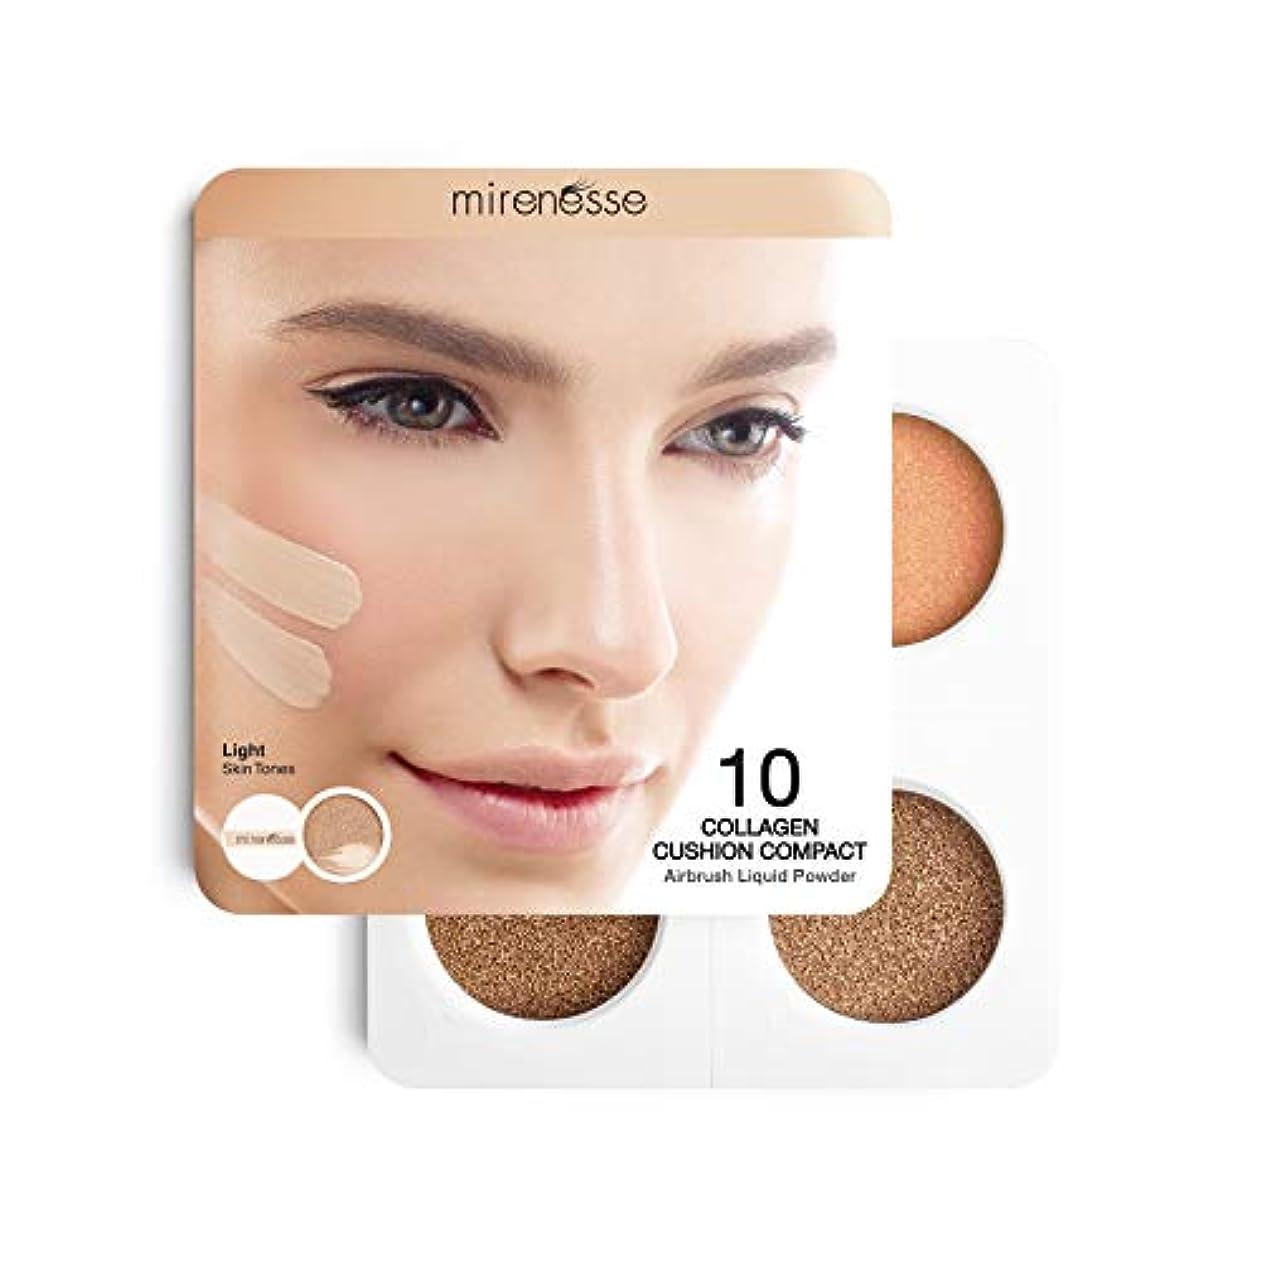 口拍車適応的Mirenesse Cosmetics 4Pce 10 Collagen Cushion Foundation Sampler - Light/Medium